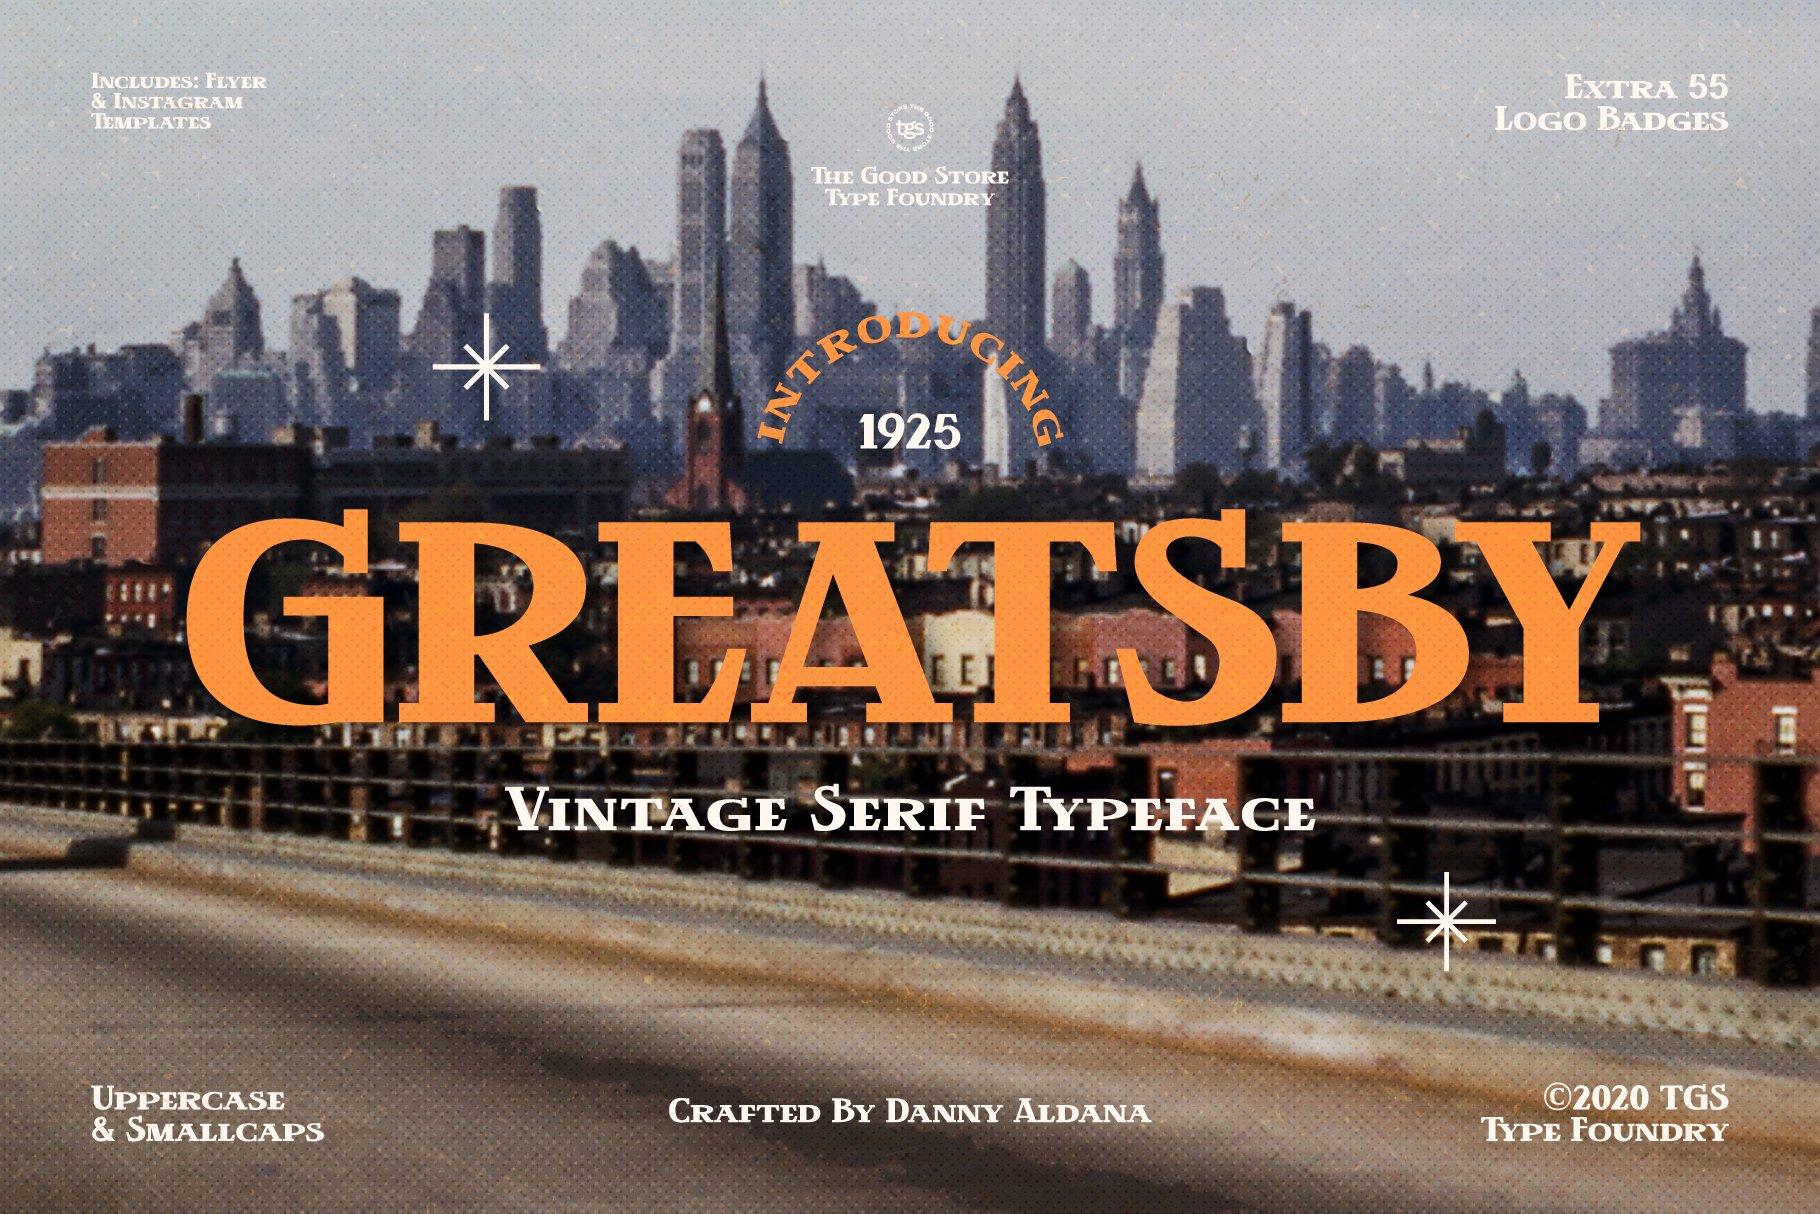 时尚复古封面标题徽标Logo衬线英文字体设计素材 Greatsby – The Good Store插图